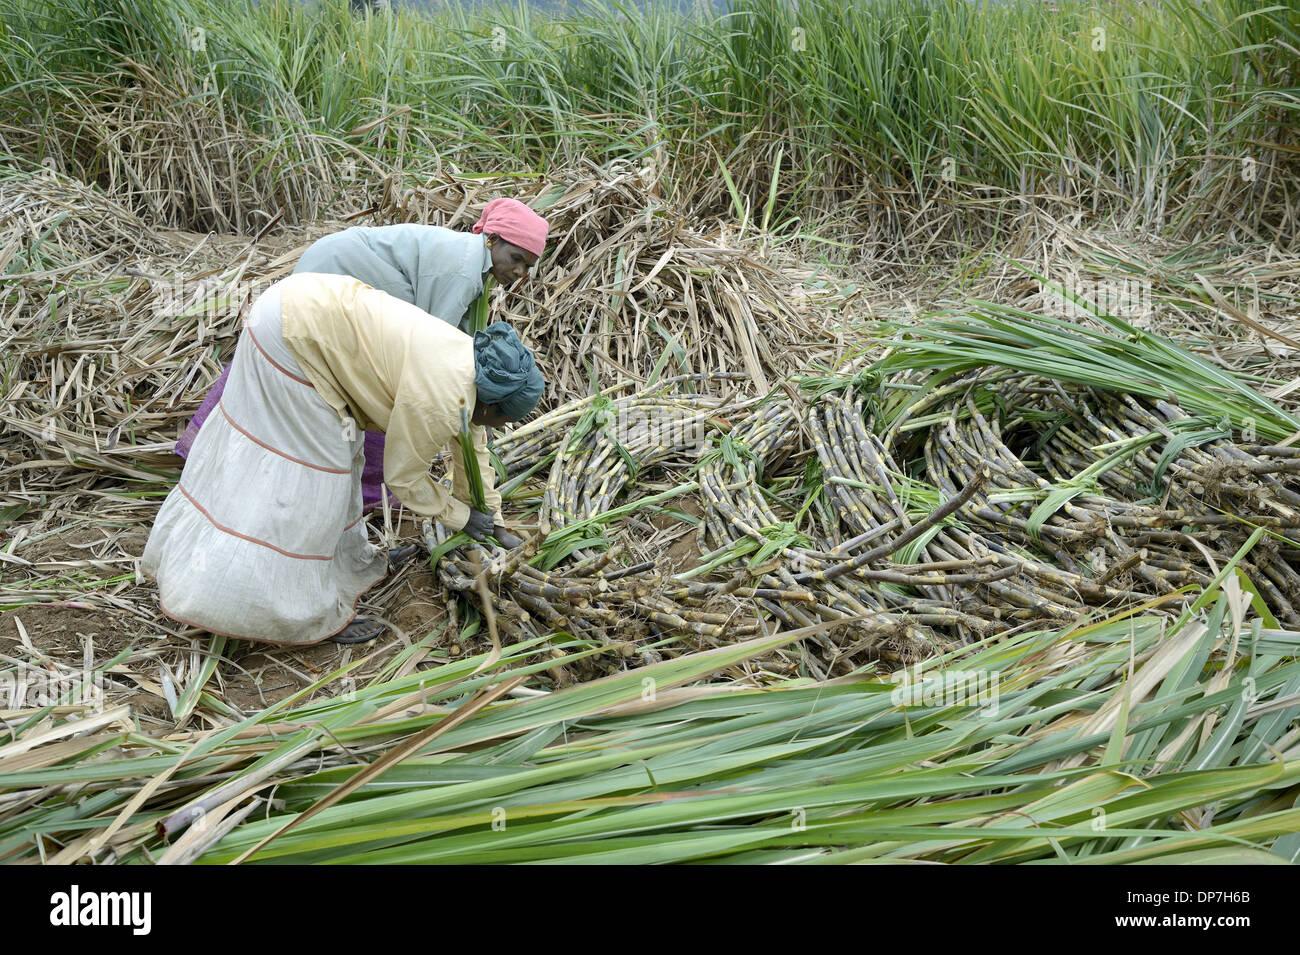 Sugarcane (Saccharum officinarum) crop, women workers bundling cut stems, Marayur, Idukki District, Kerala, India, December - Stock Image